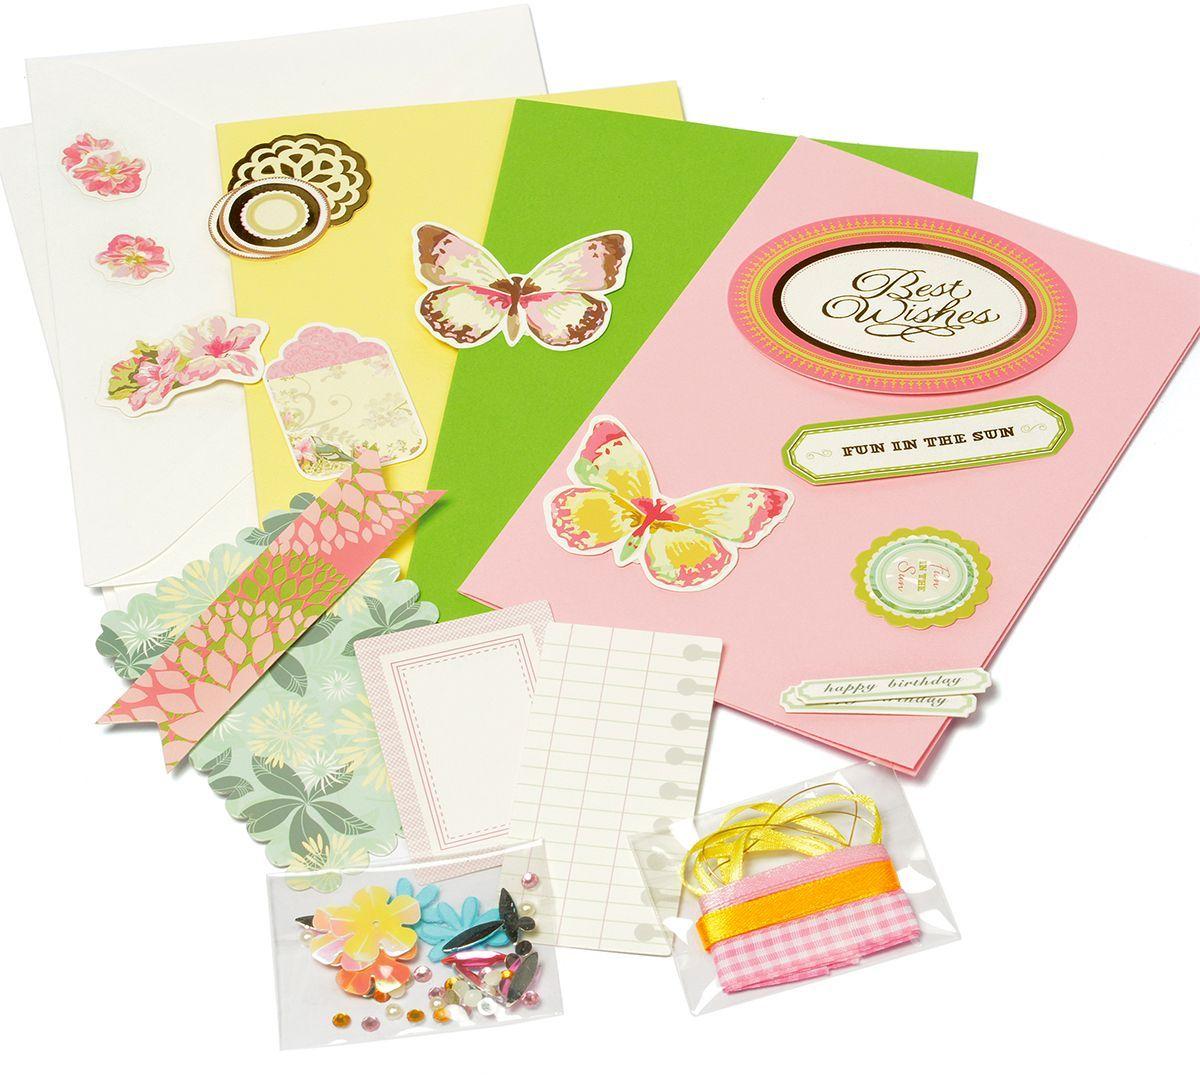 Набор для создания открыток Magic 4 Hobby MG.DIY-3A №1 11,5x17 смMG.DIY-3A.1